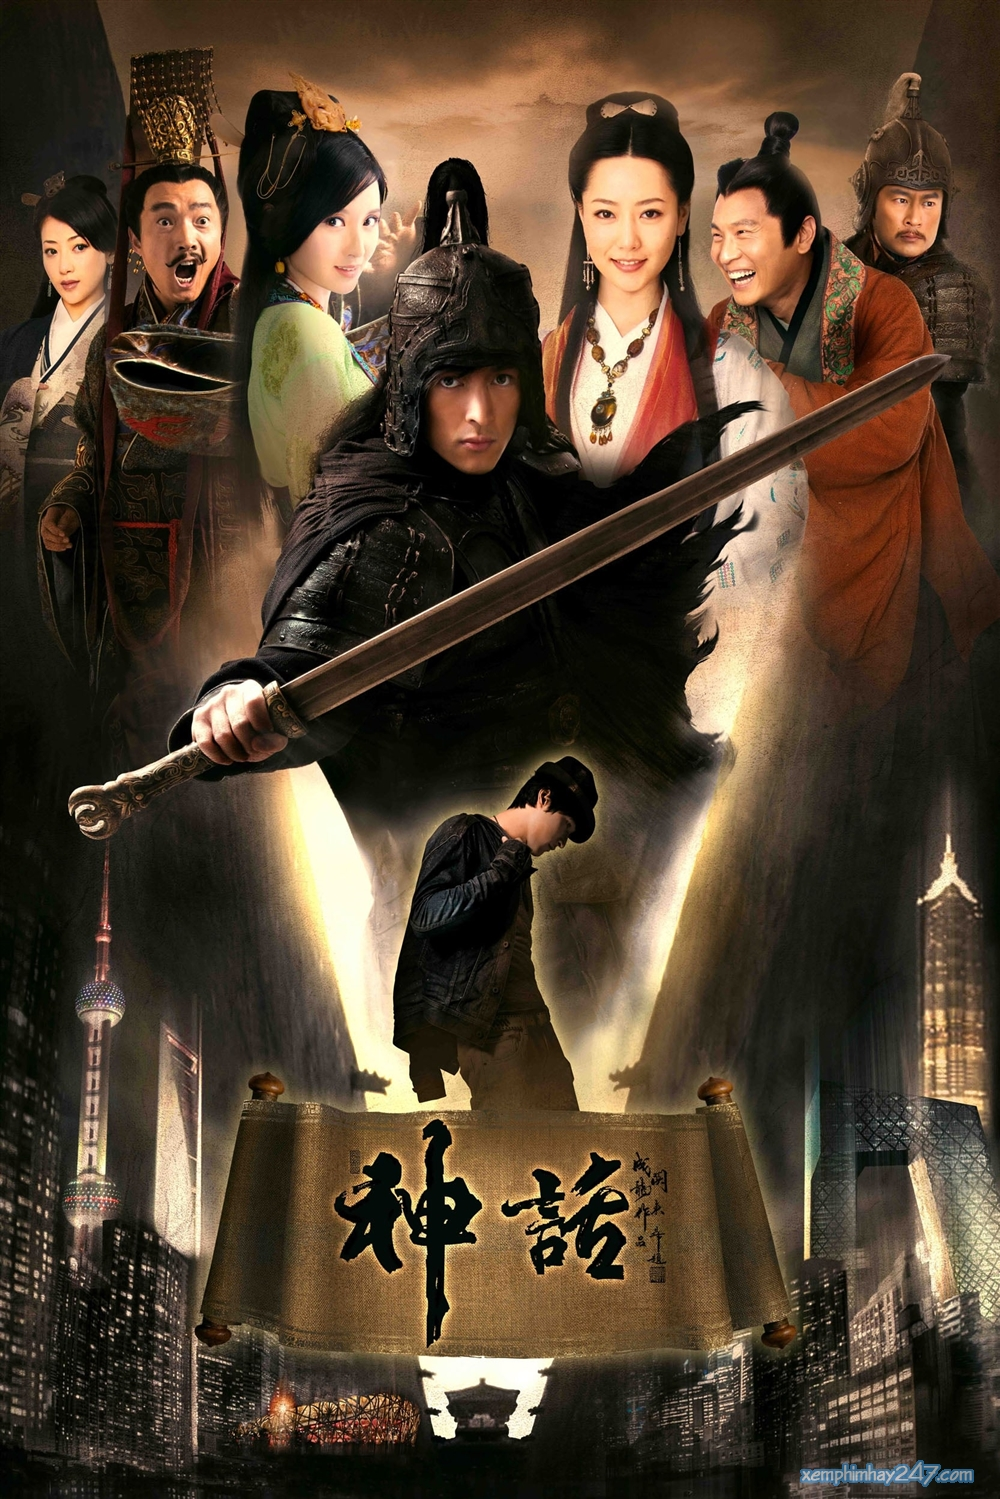 http://xemphimhay247.com - Xem phim hay 247 - Thần Thoại (2010) - The Myth (2010)